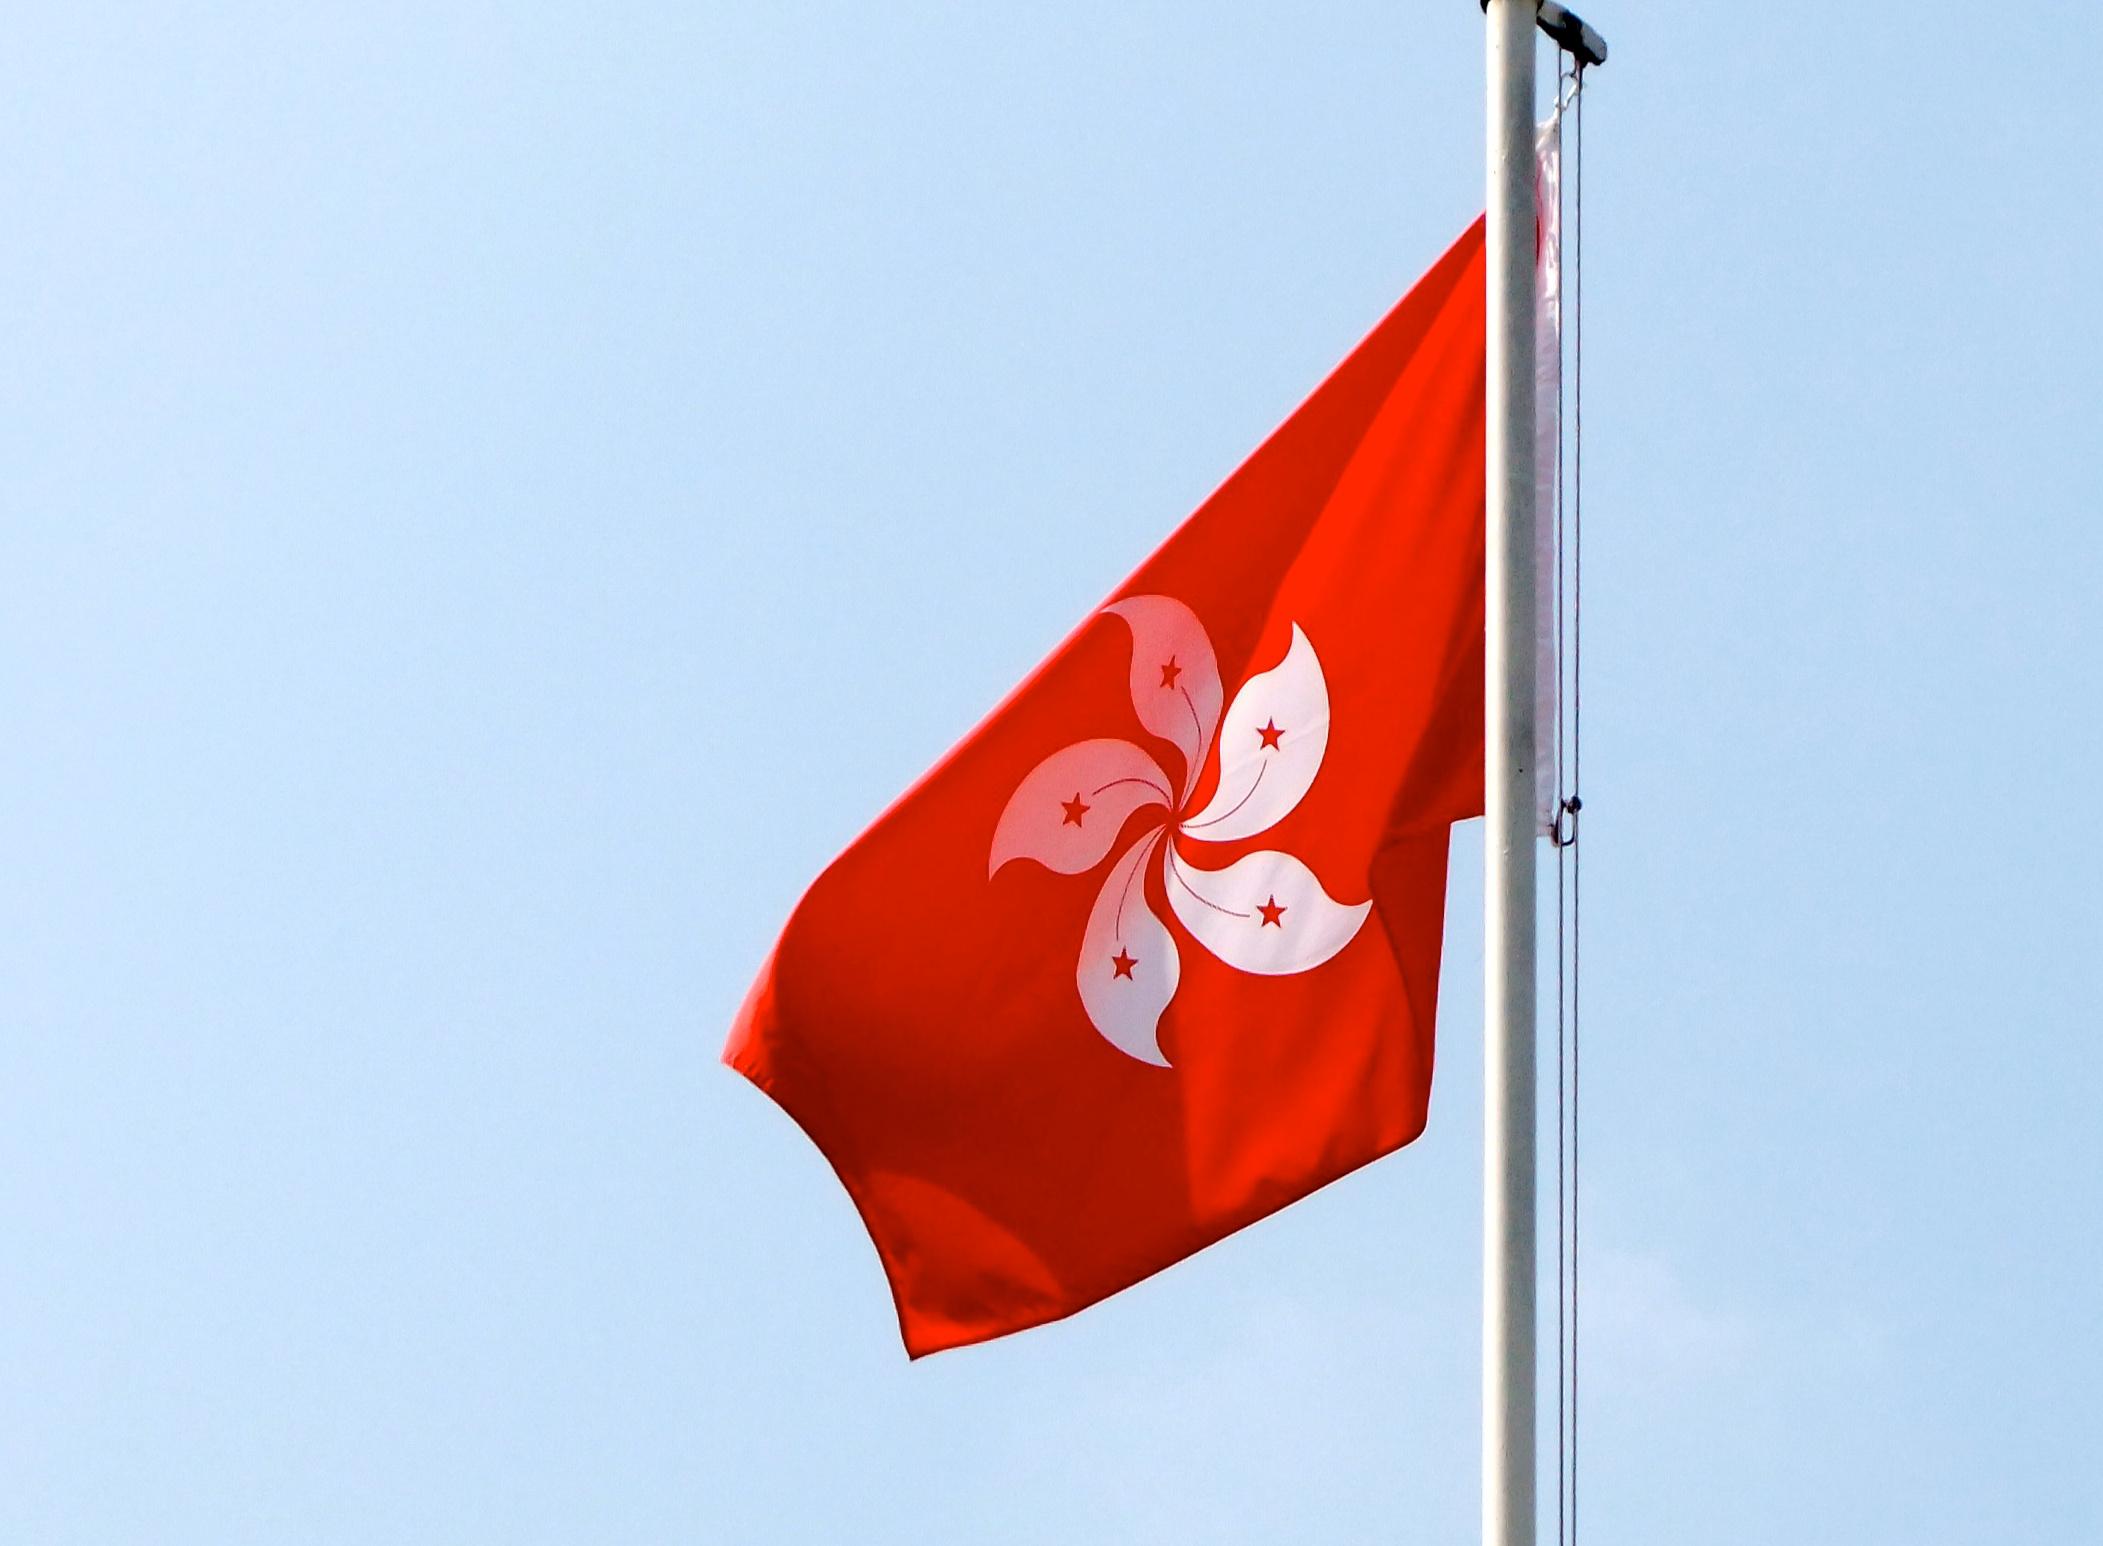 Flag Red Background White Flower